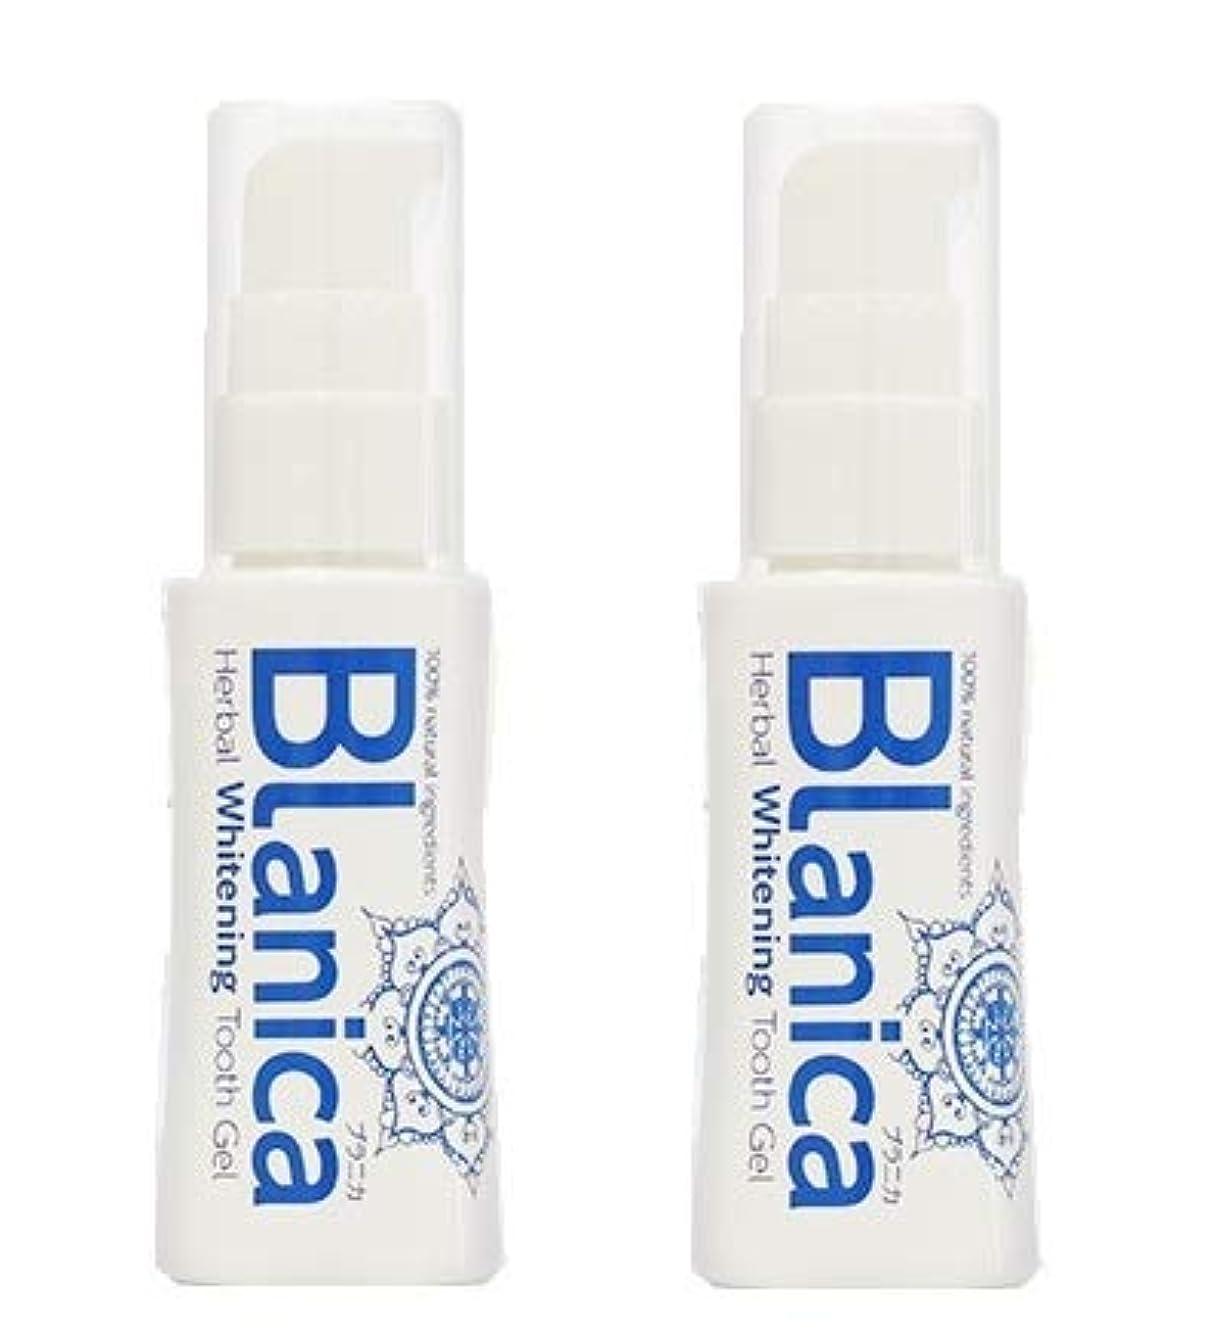 谷退屈取り戻すBlanica ブラニカ ホワイトニングジェル歯磨き 30g × 2本